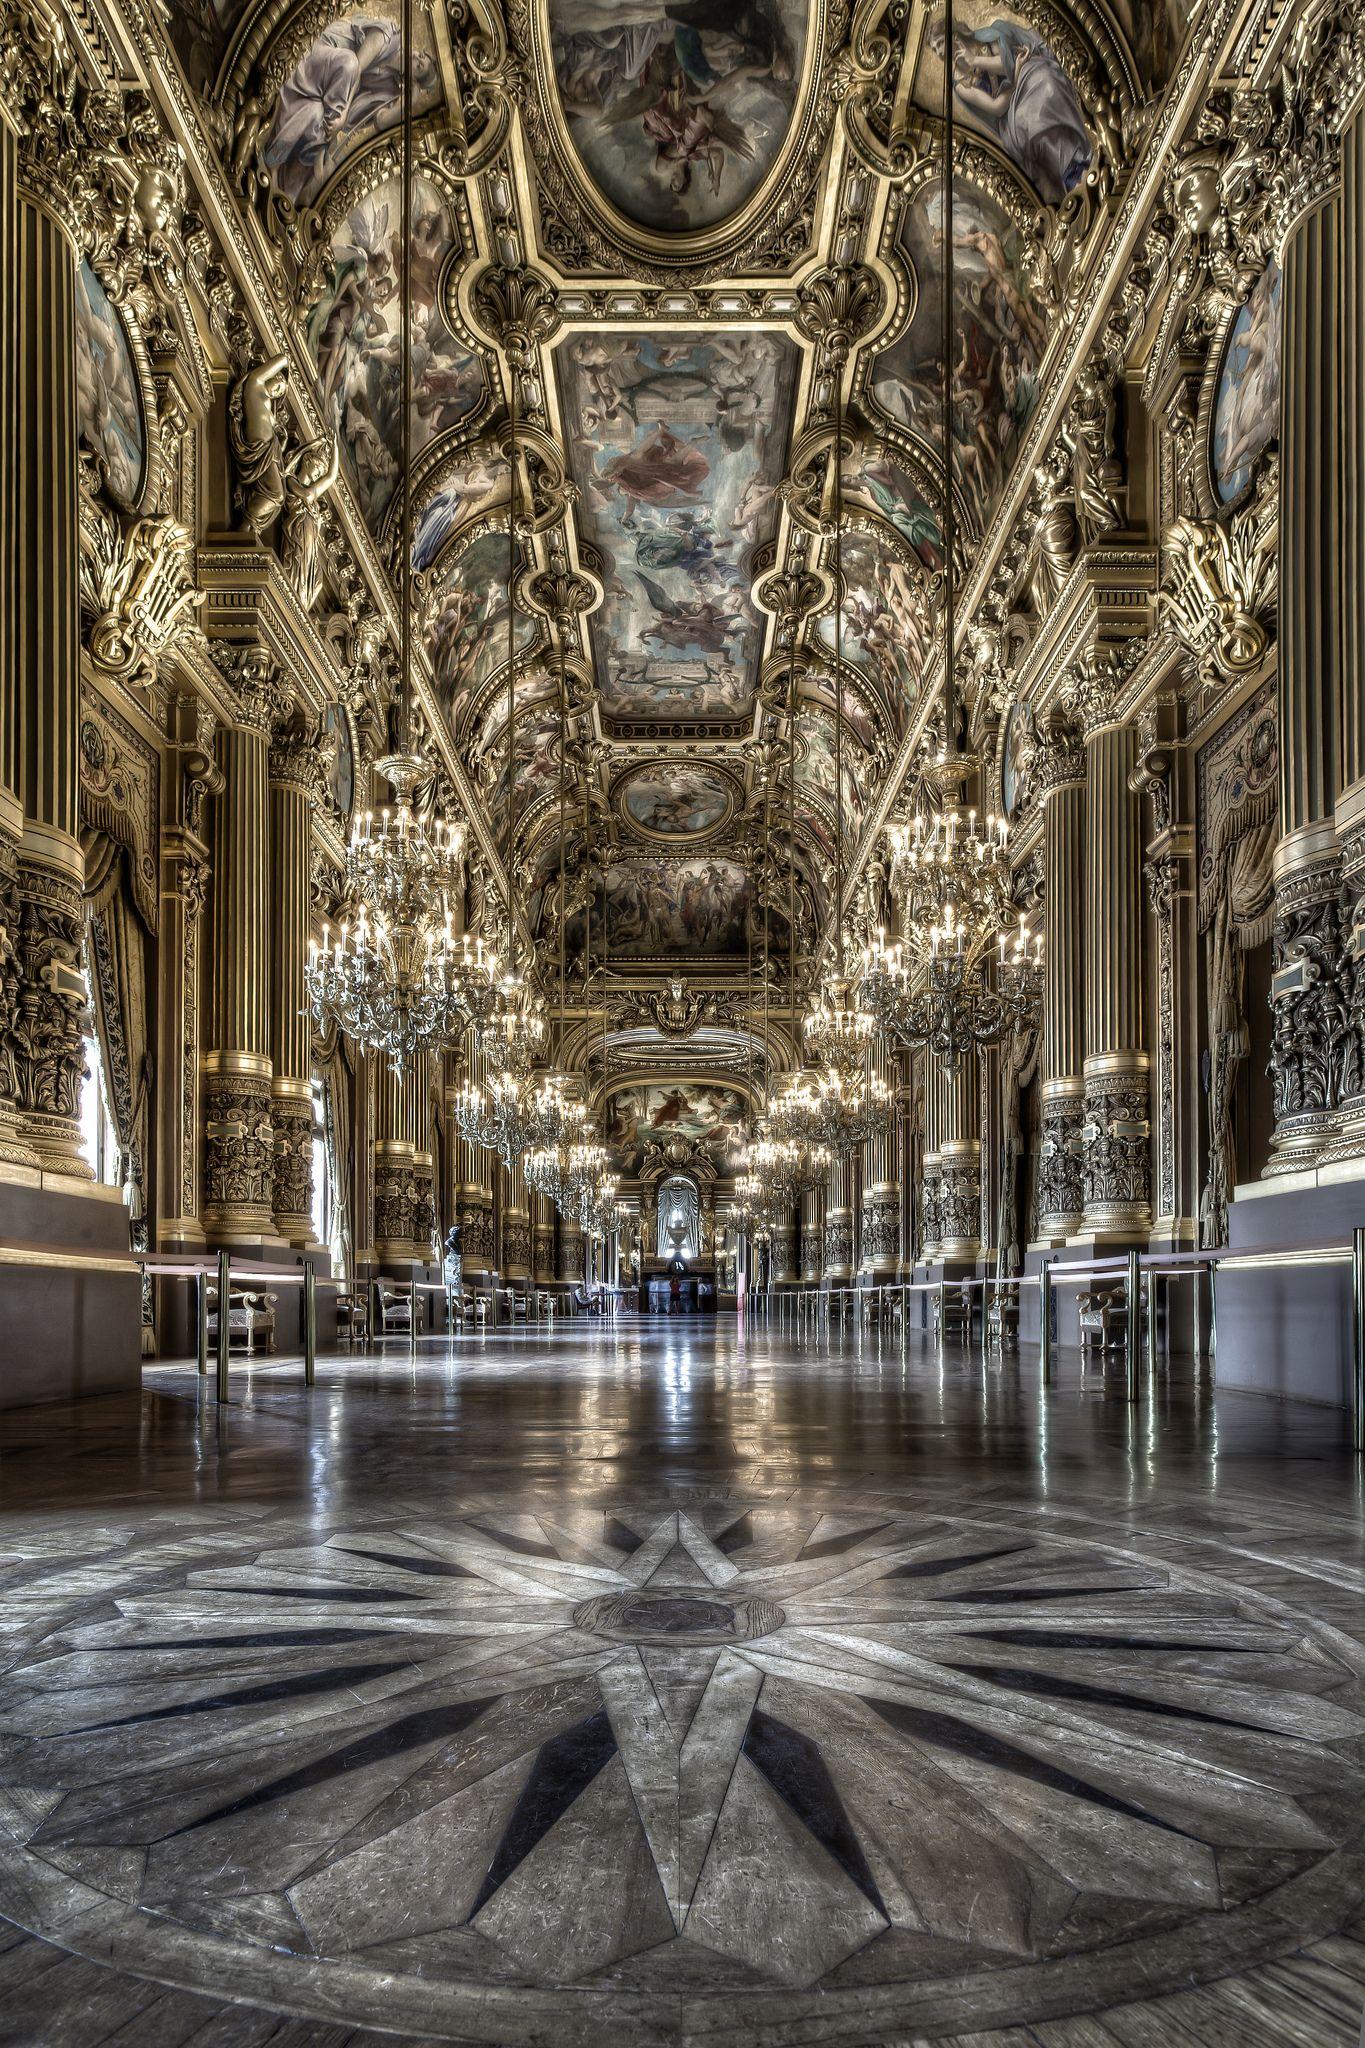 Grand Foyer Du Palais Garnier : Le palais garnier paris opera house grand foyer